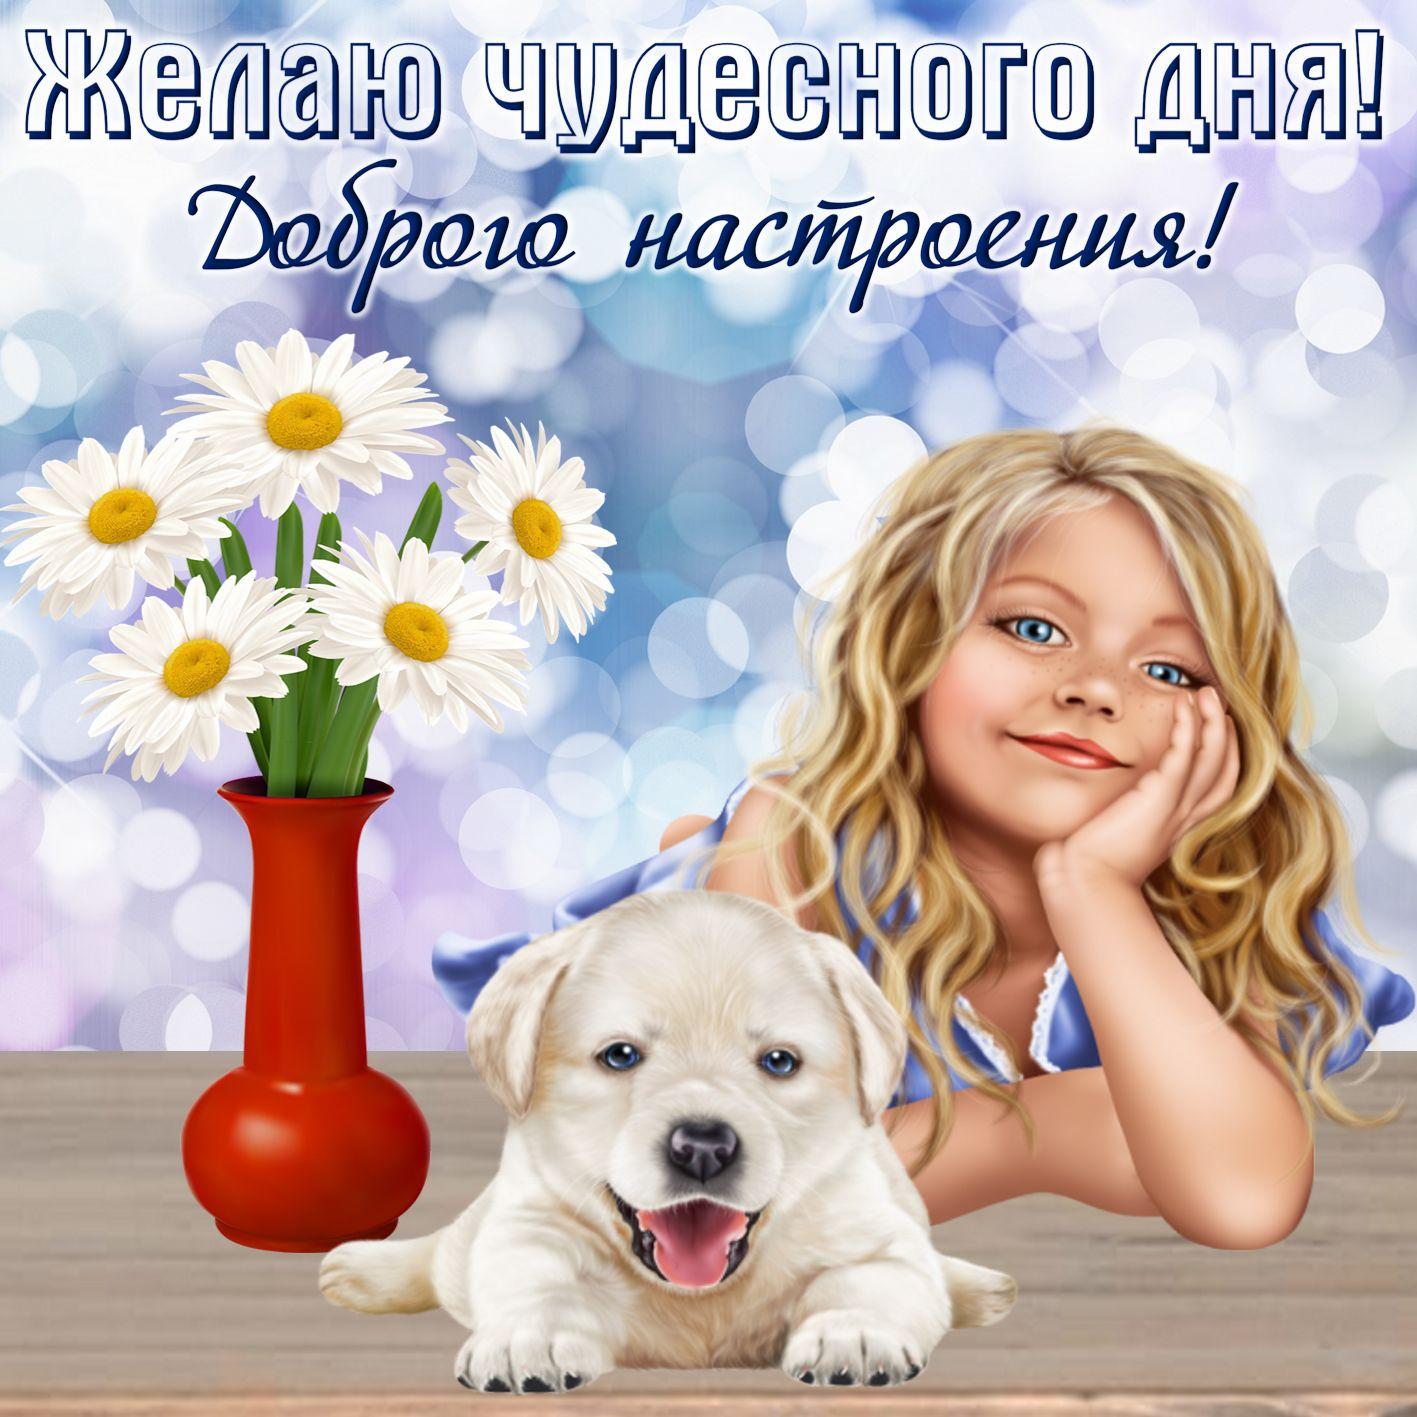 Открытка, открытка подруге с пожеланиями хорошего дня